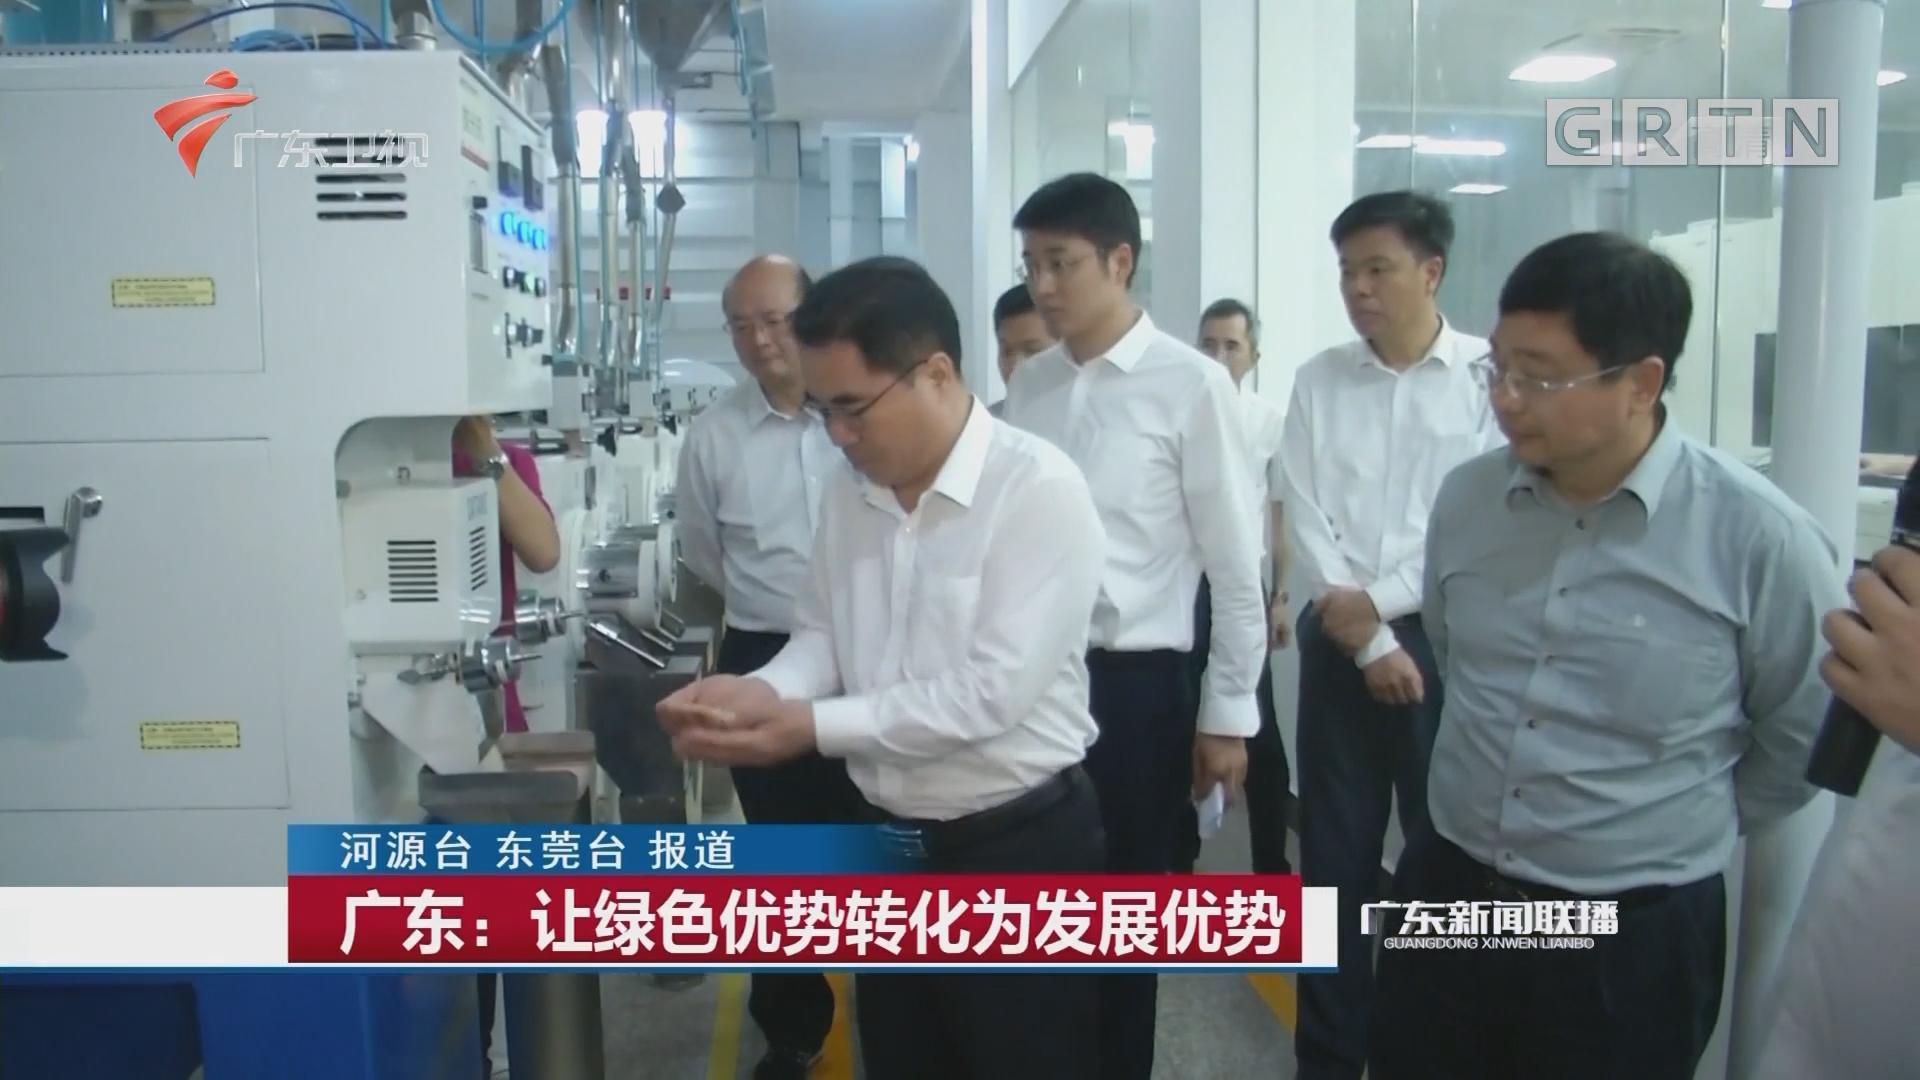 广东:让绿色优势转化为发展优势